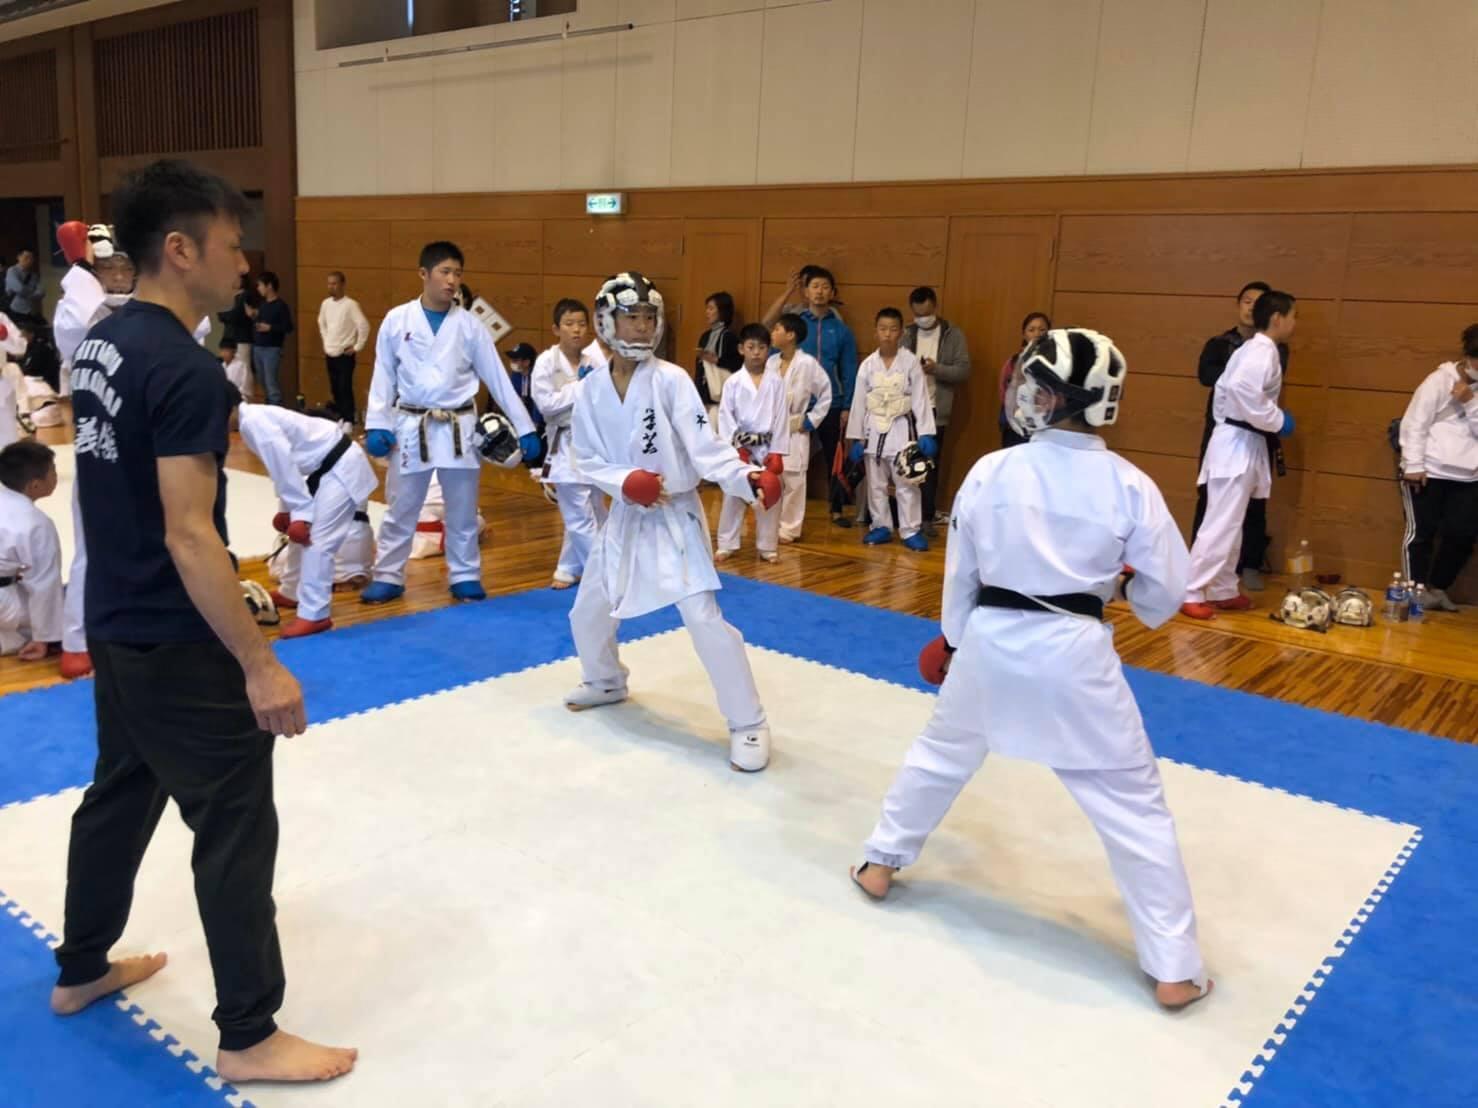 イナズマ拳フェスに参戦_e0238098_06522204.jpg